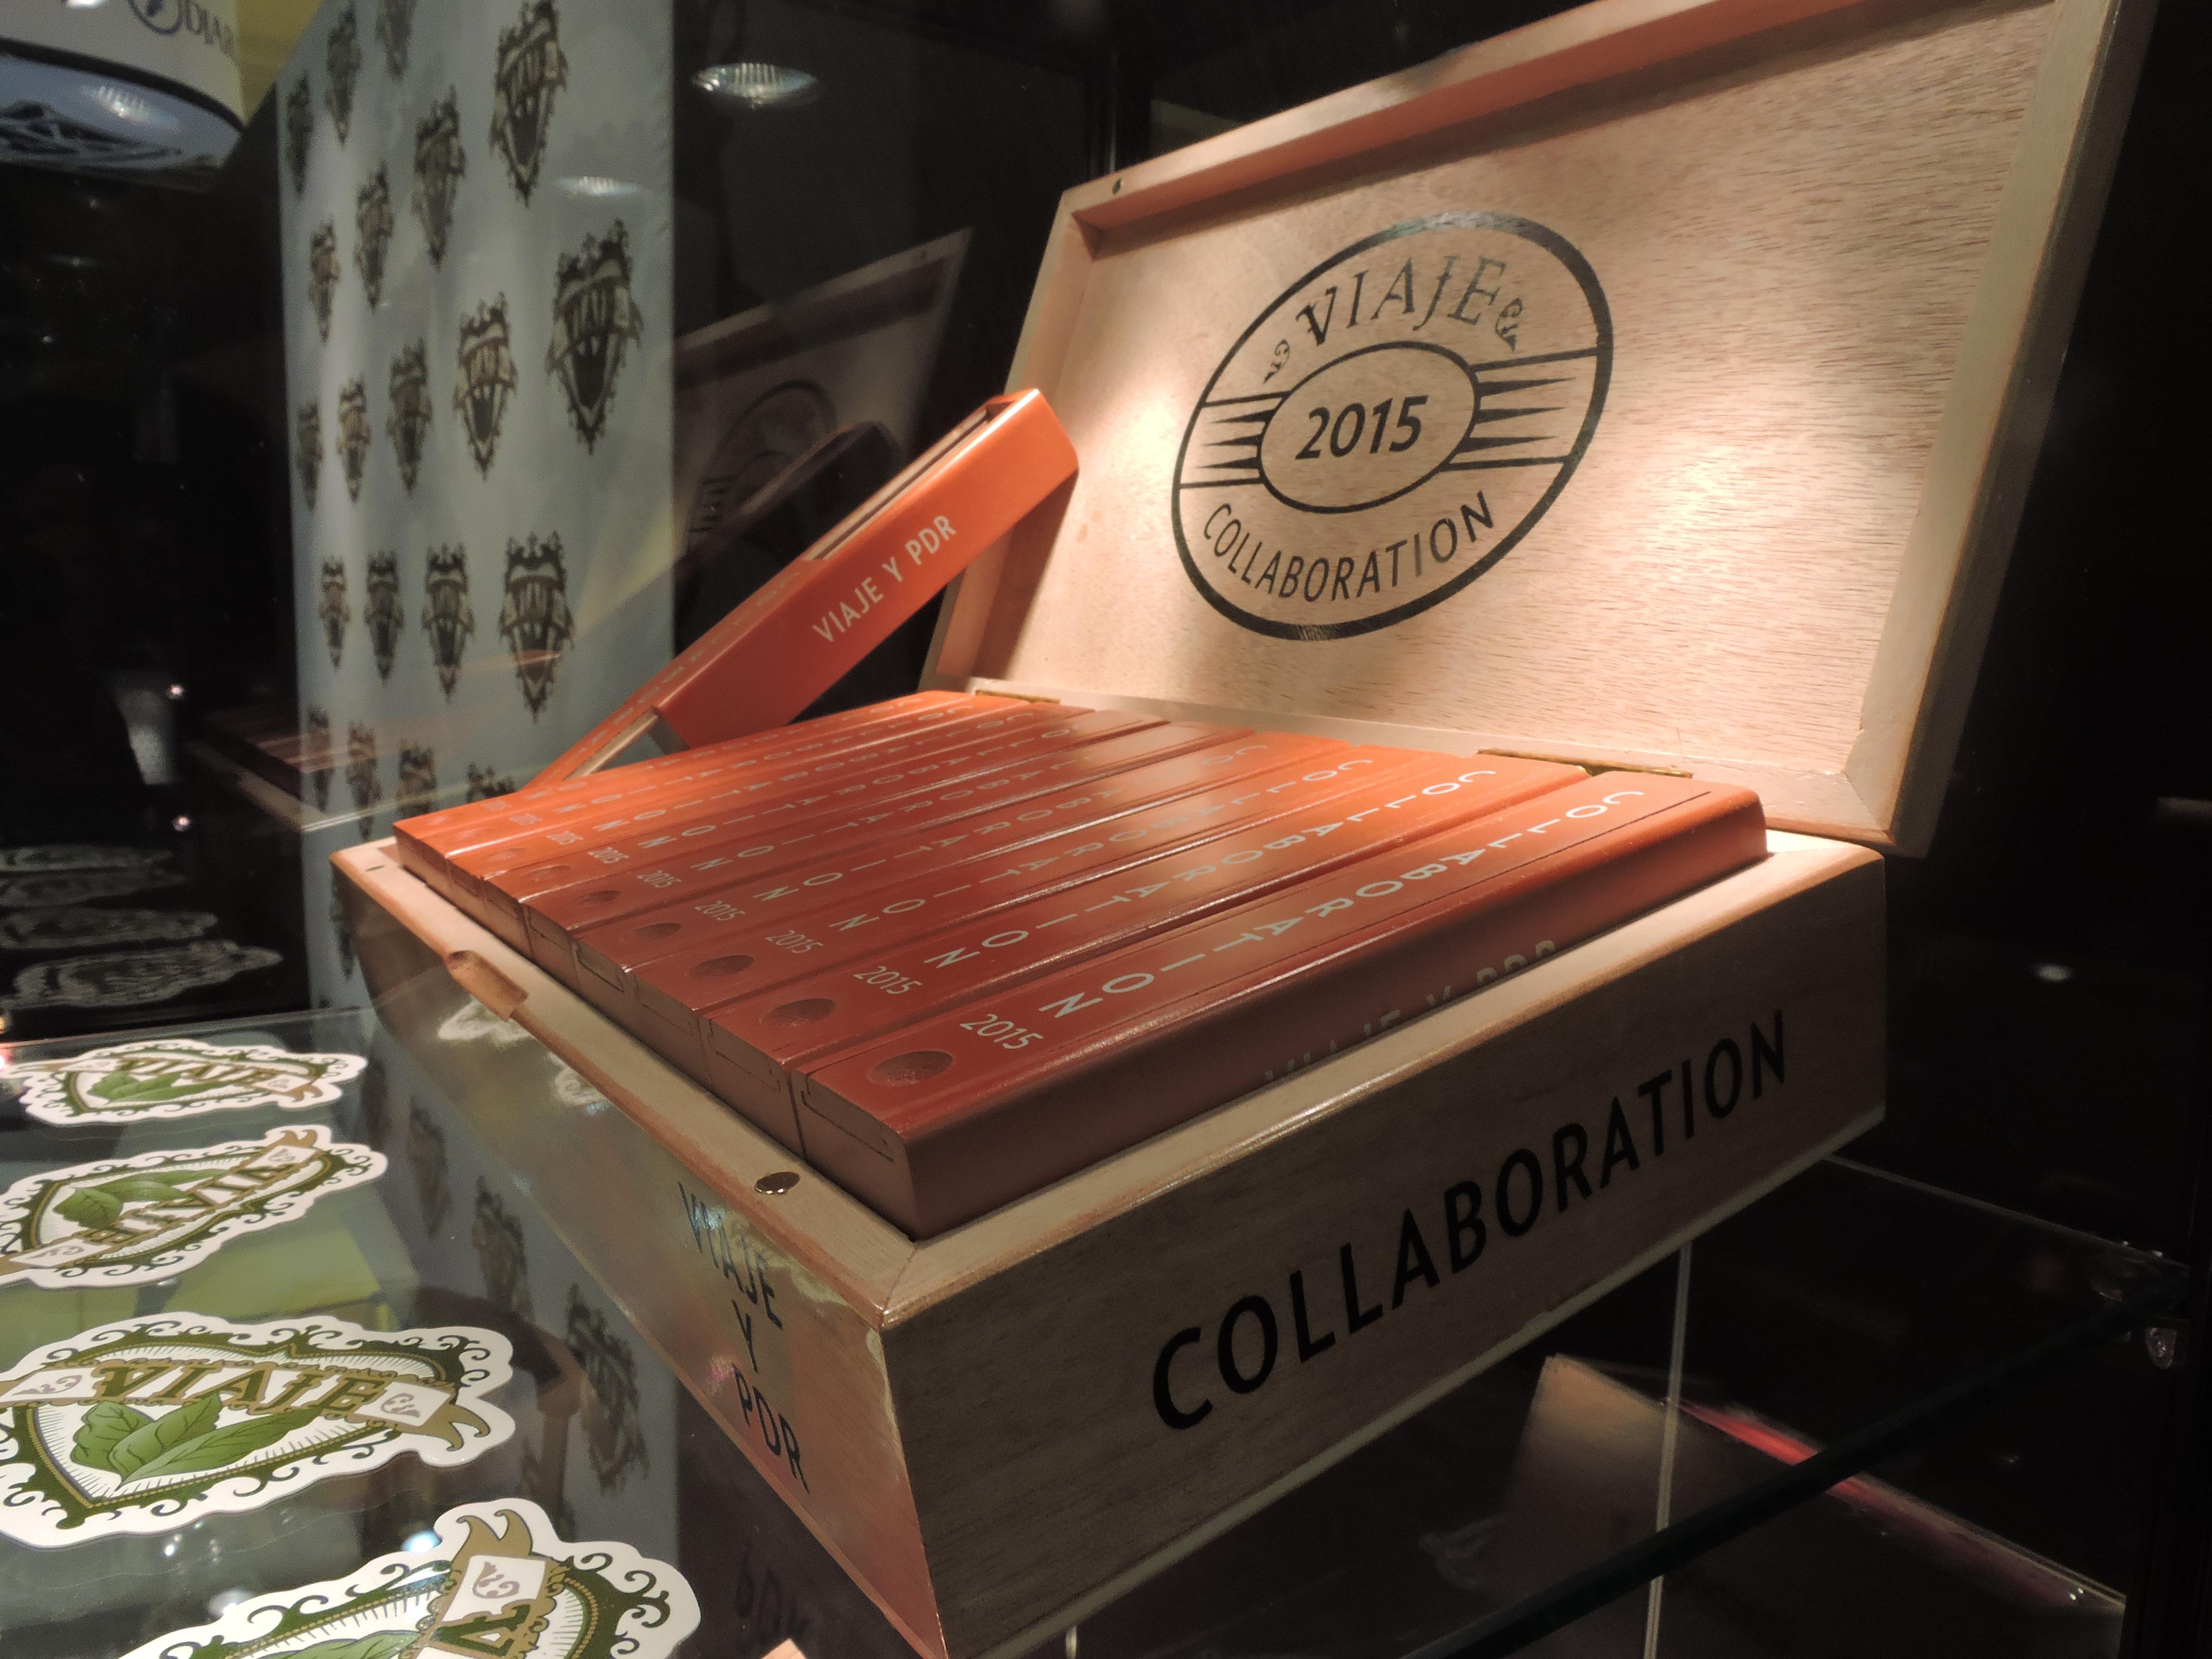 Viaje_Collaboration_2015_